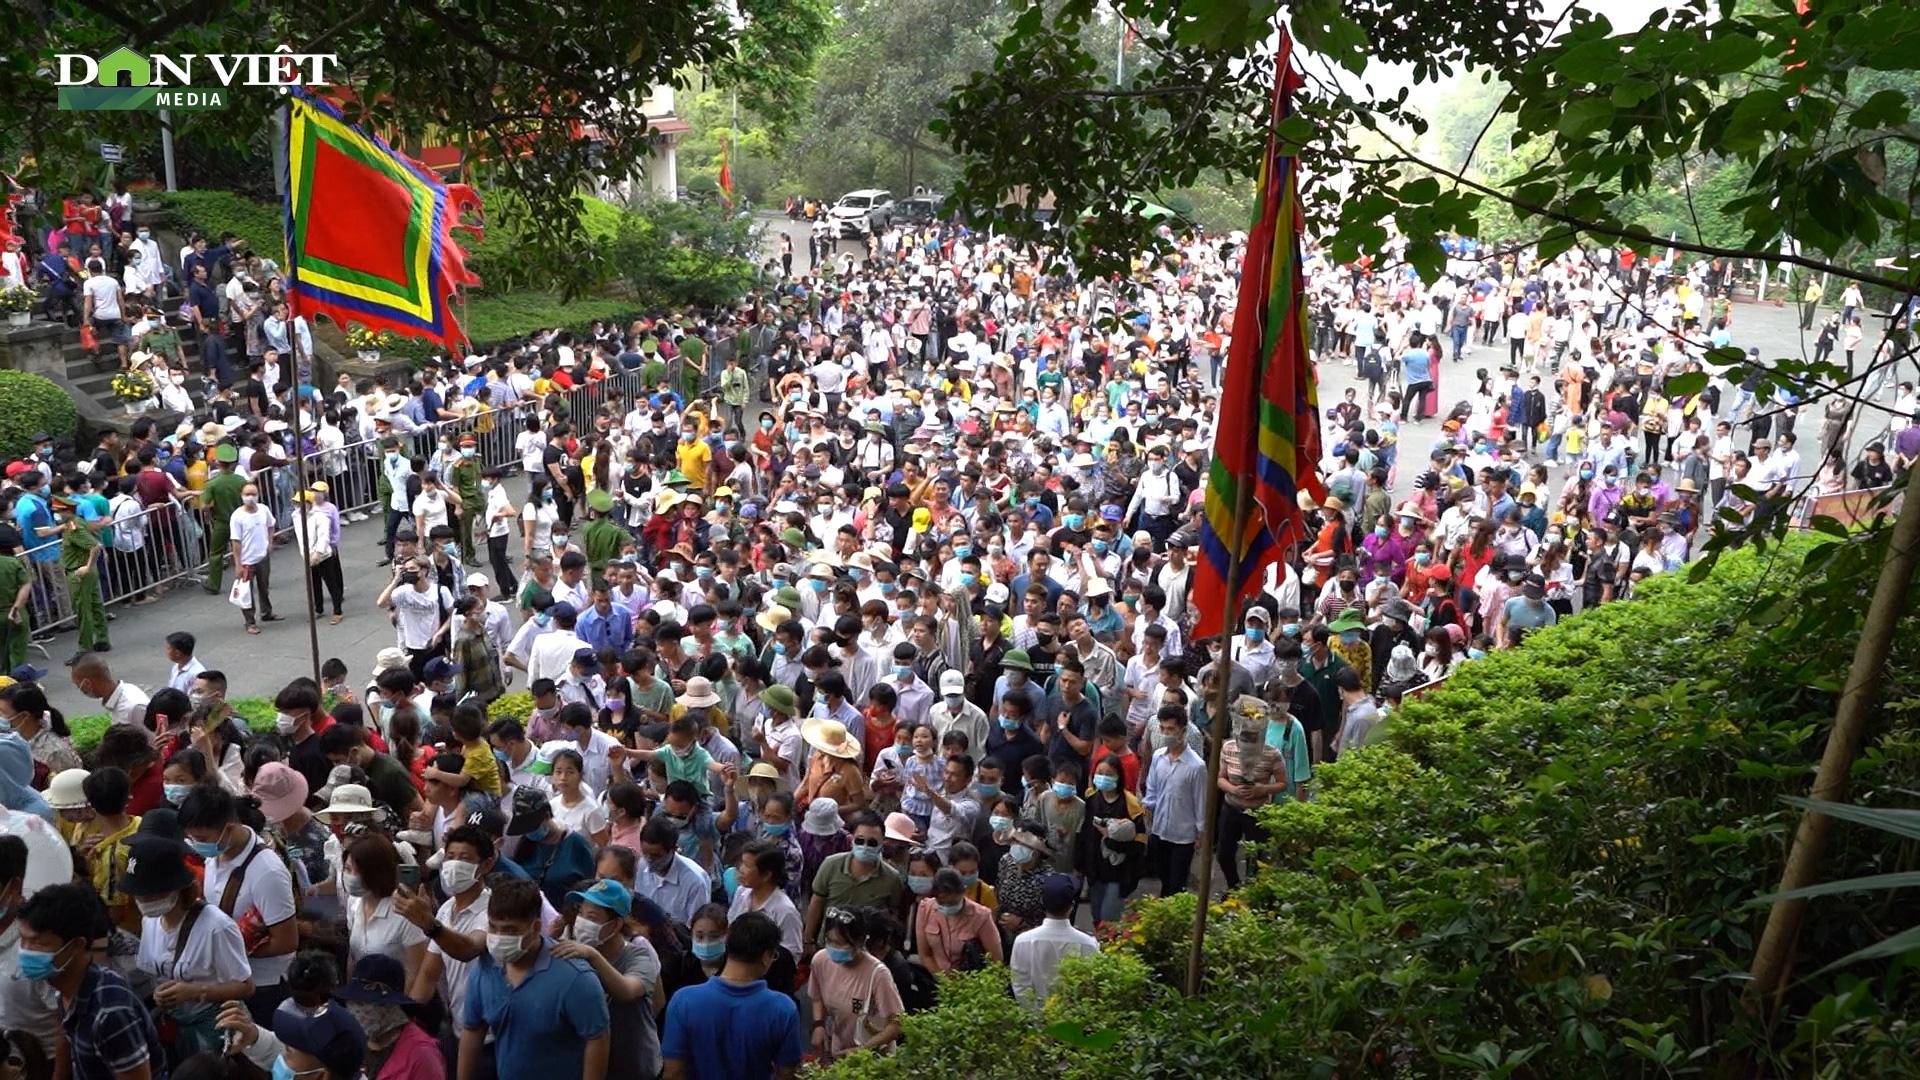 Video: Hàng vạn người chen chúc dâng lễ tại đền Hùng ngày chính hội  - Ảnh 6.